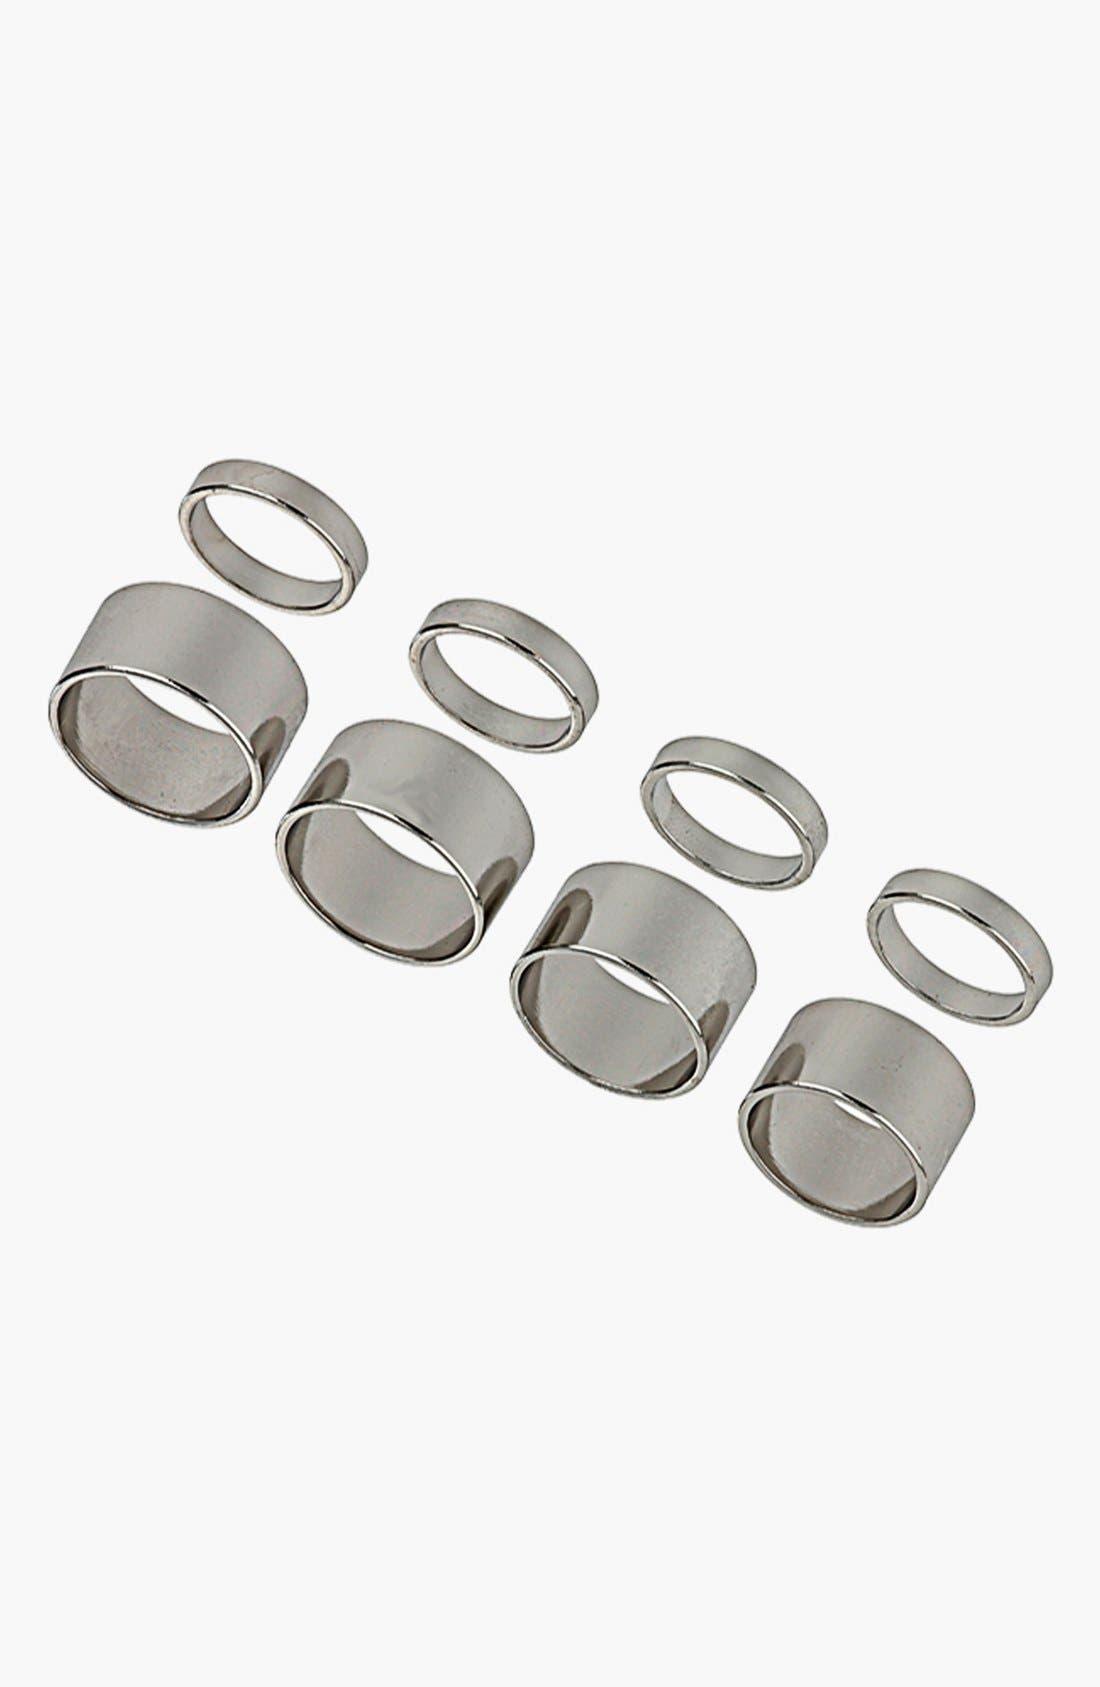 Main Image - Topshop Smooth Band Rings (Set of 8)